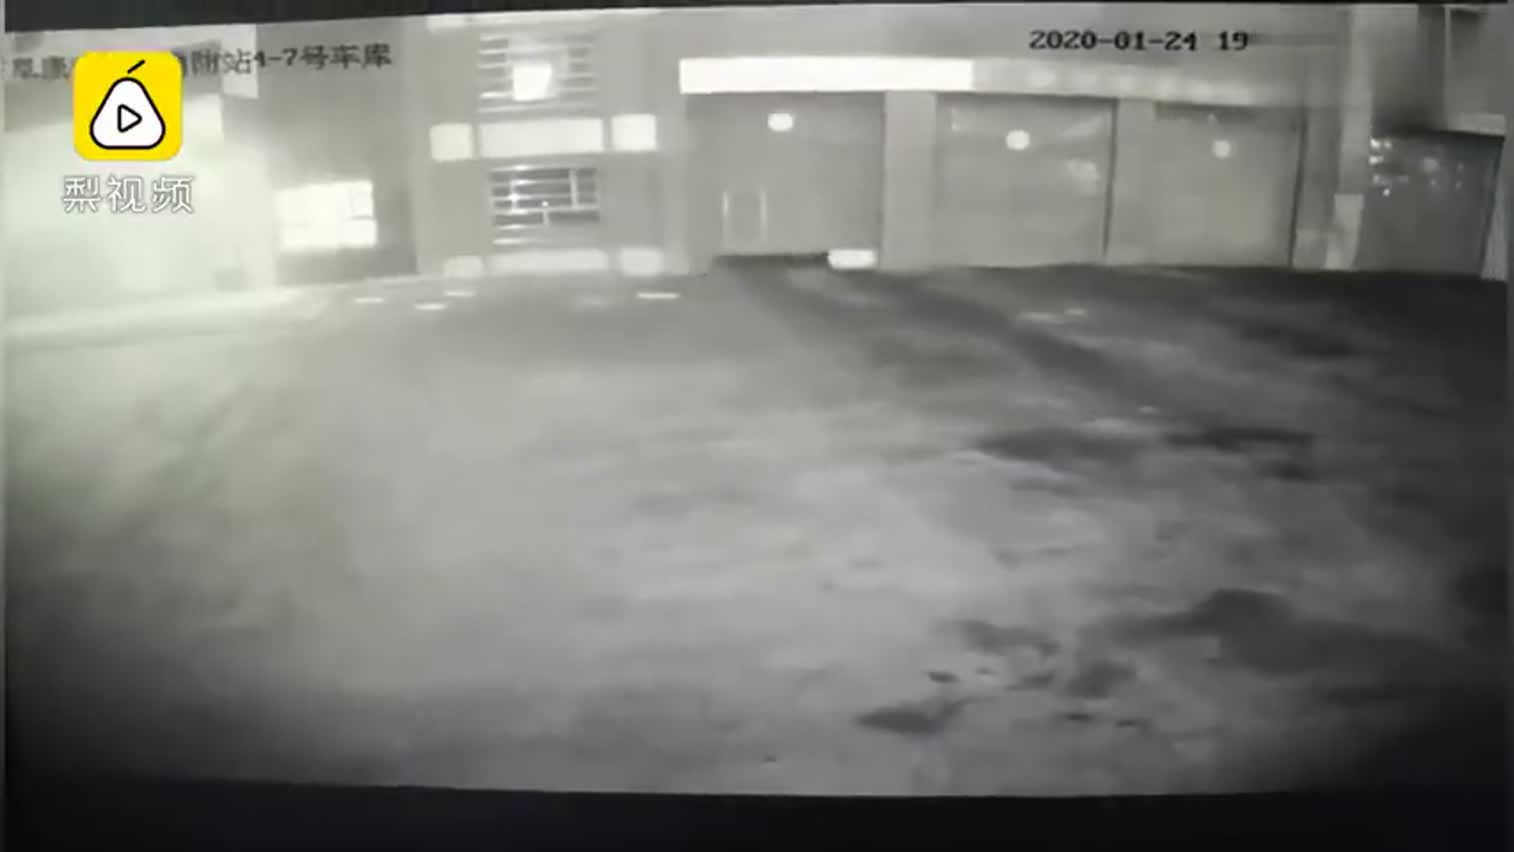 感谢你们每分每秒的守护!,消防队员光速出警跑到模糊